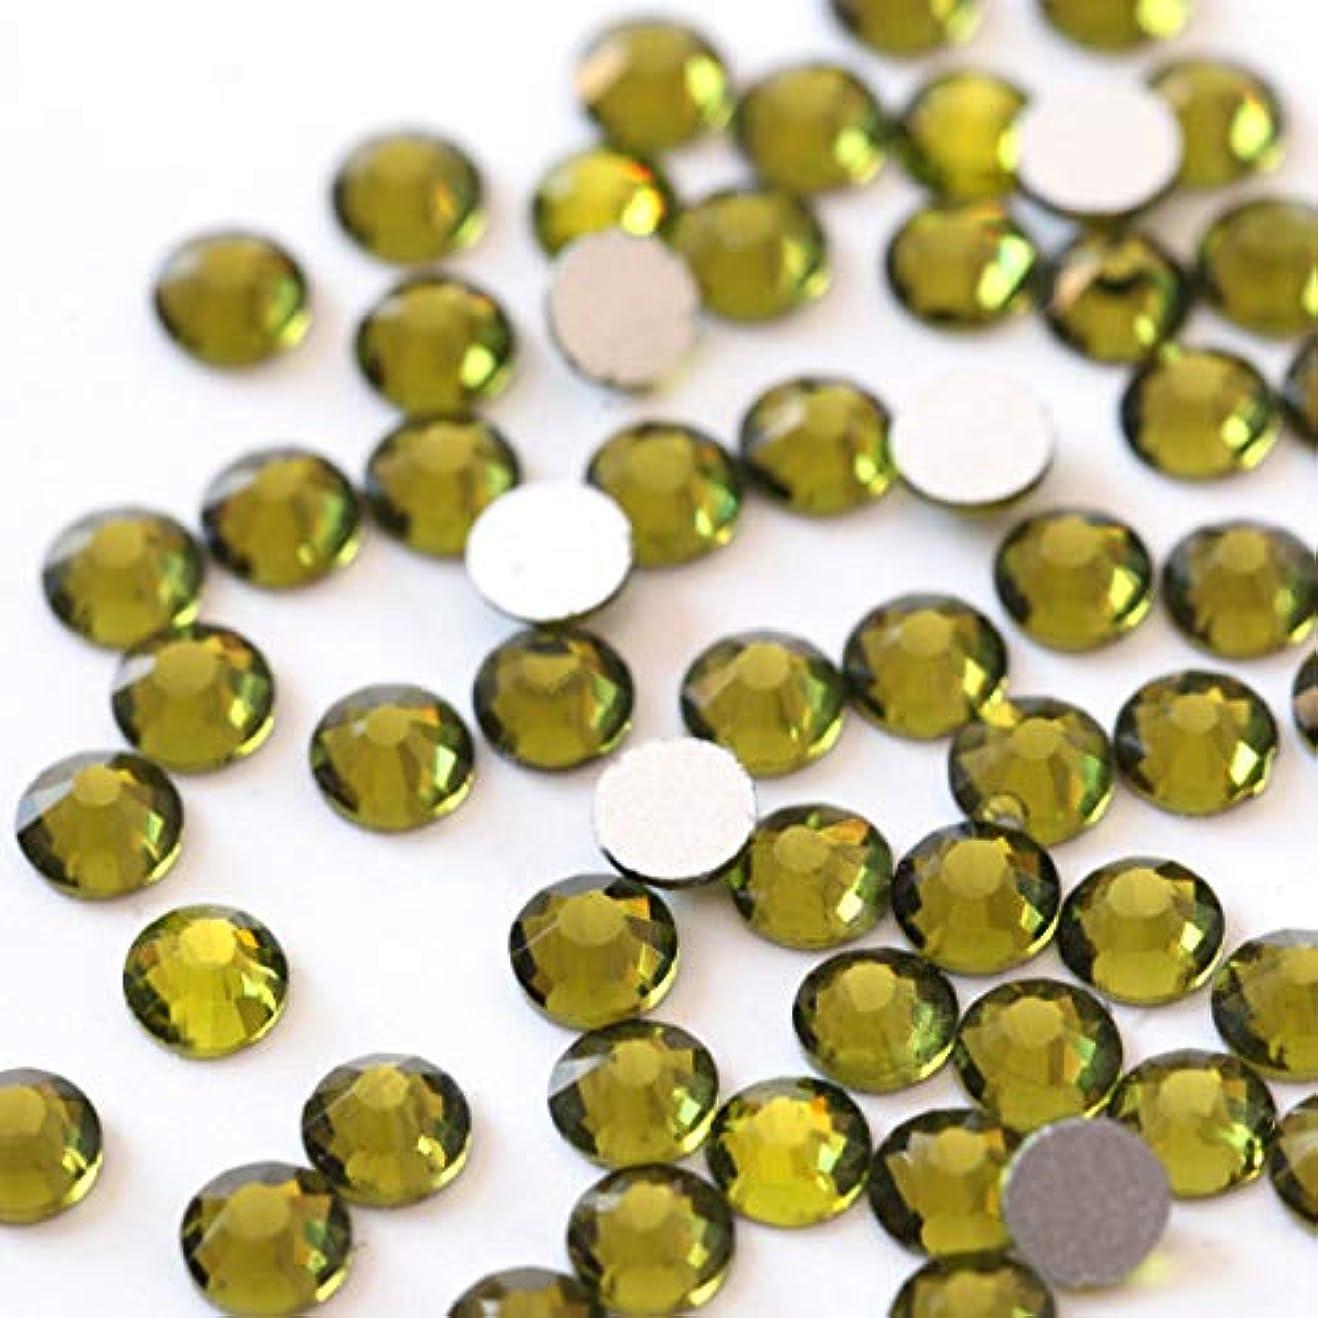 壊す二年生極めて重要な【ラインストーン77】 超高級 ガラス製ラインストーン SS4~SS40 オリーブ スワロフスキー同等 (3.0mm (SS12) 約200粒)